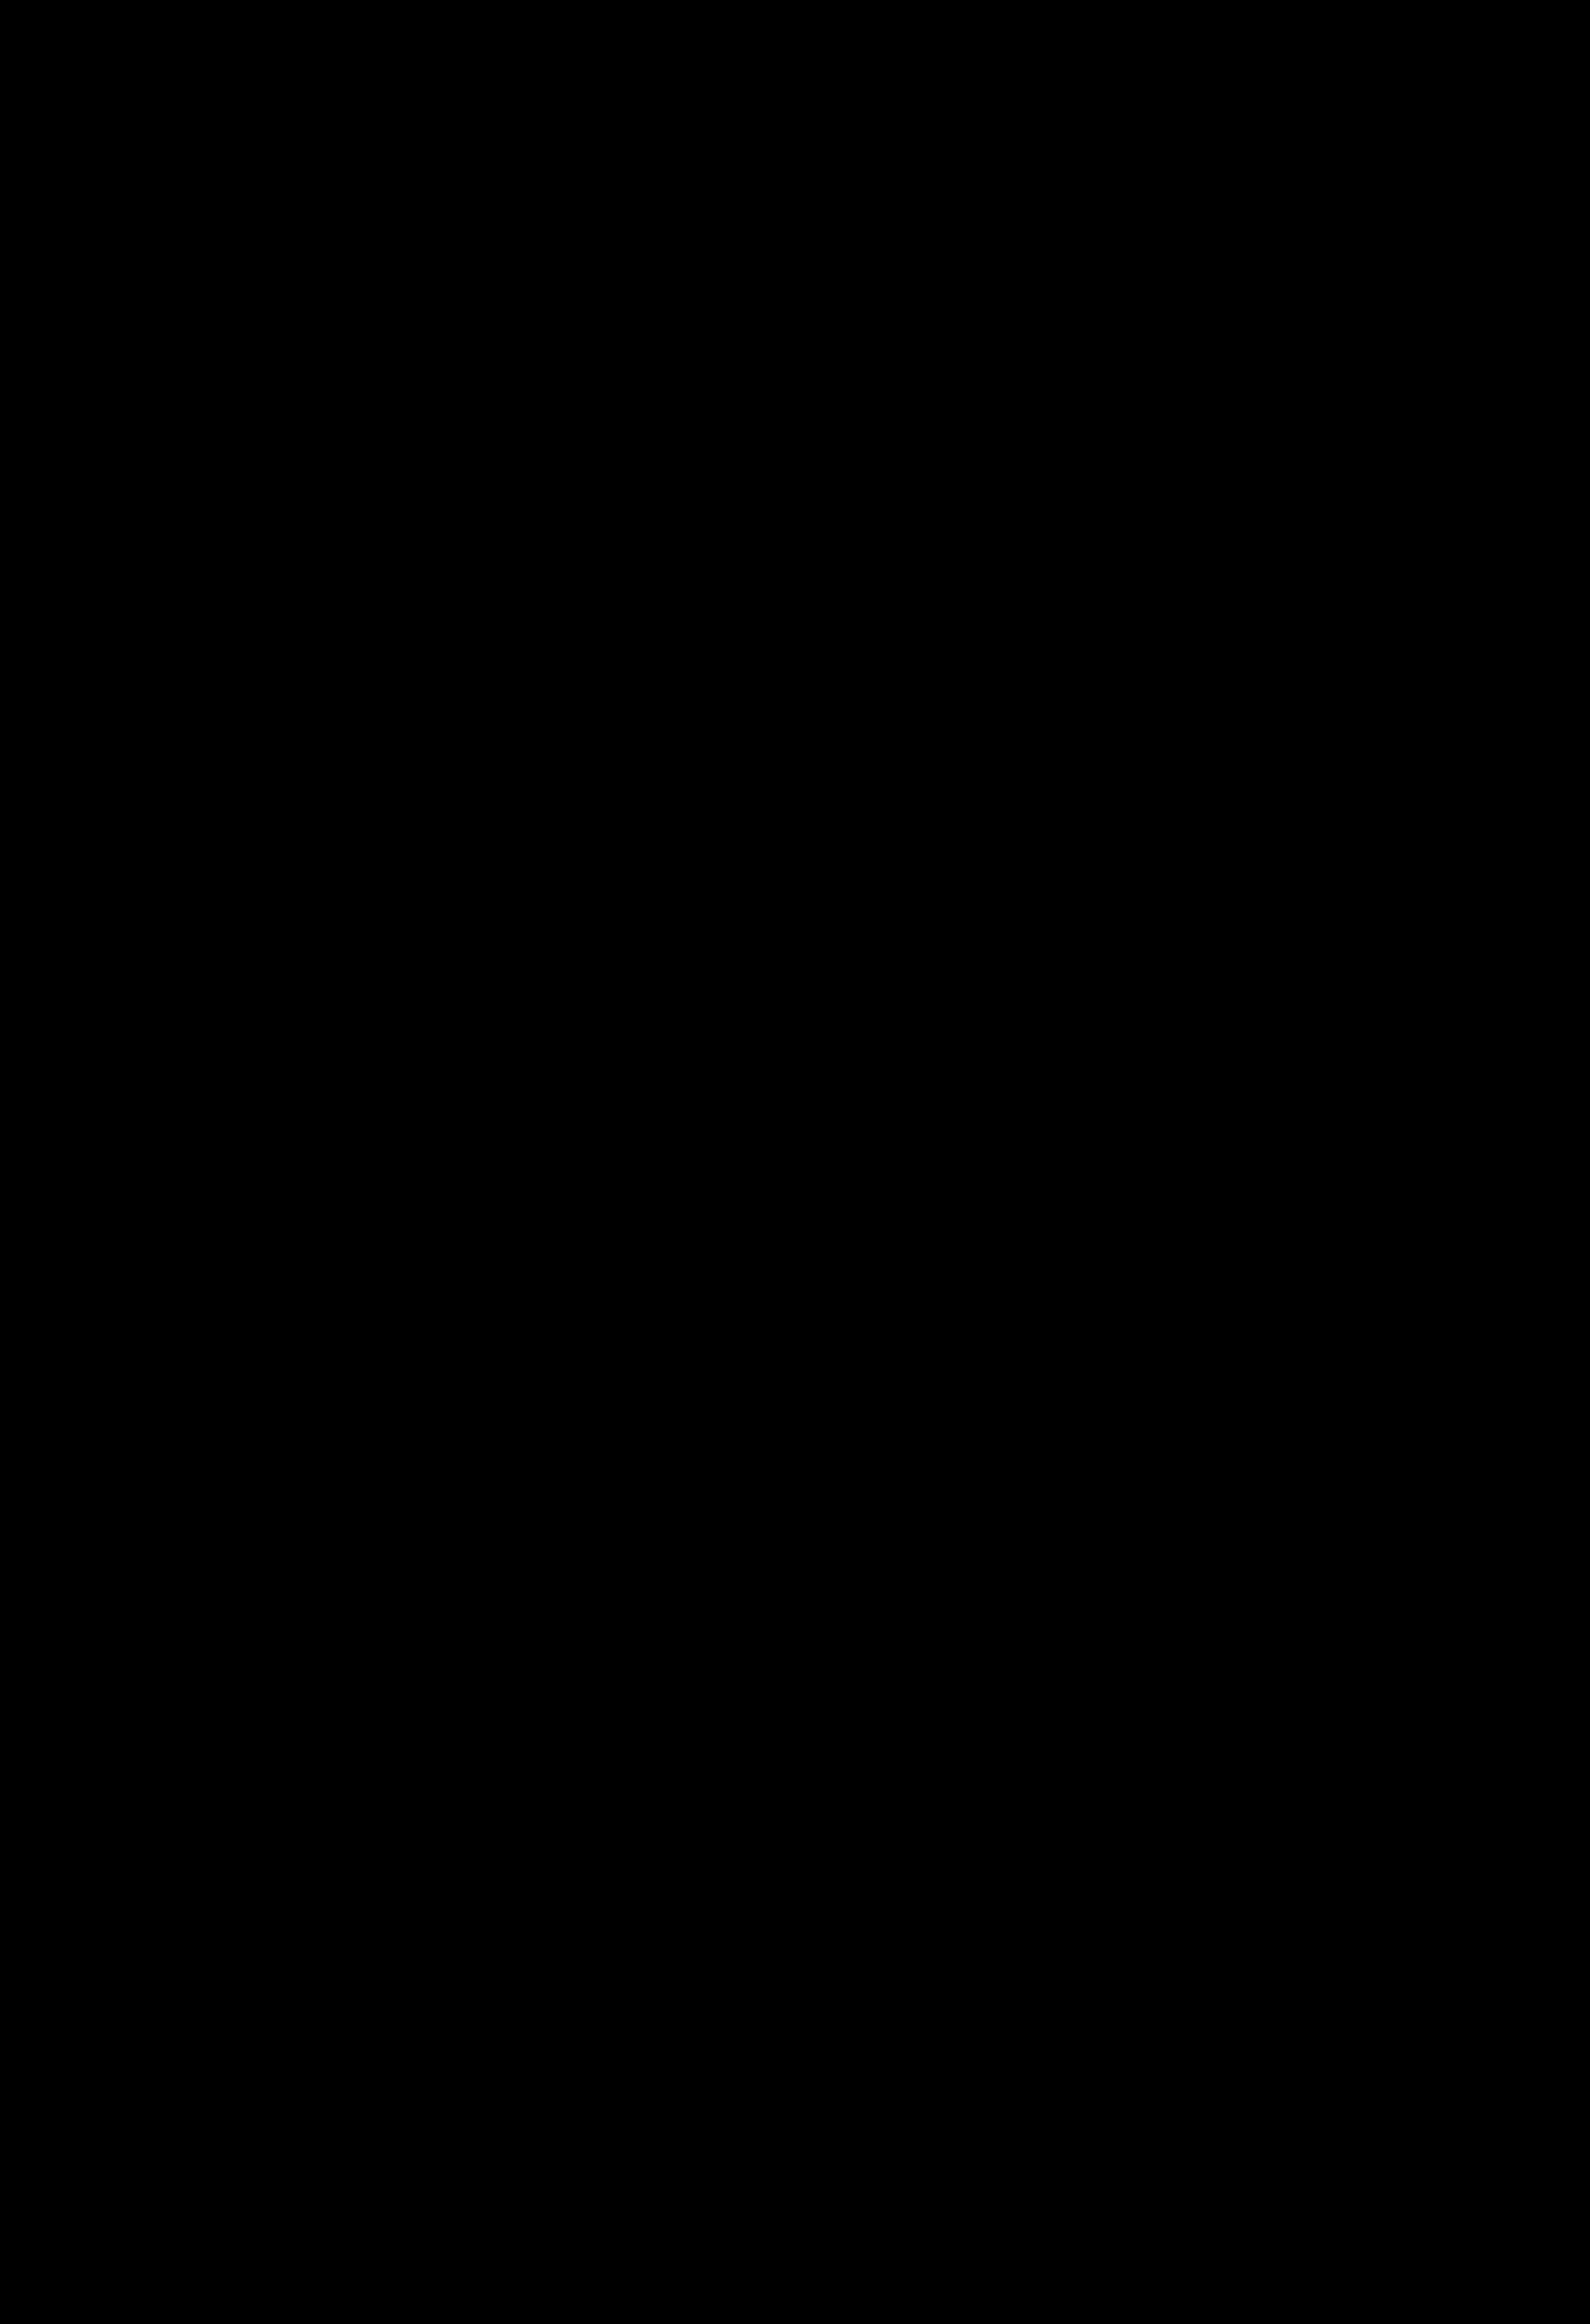 54th Ann Arbor Film Festival Program